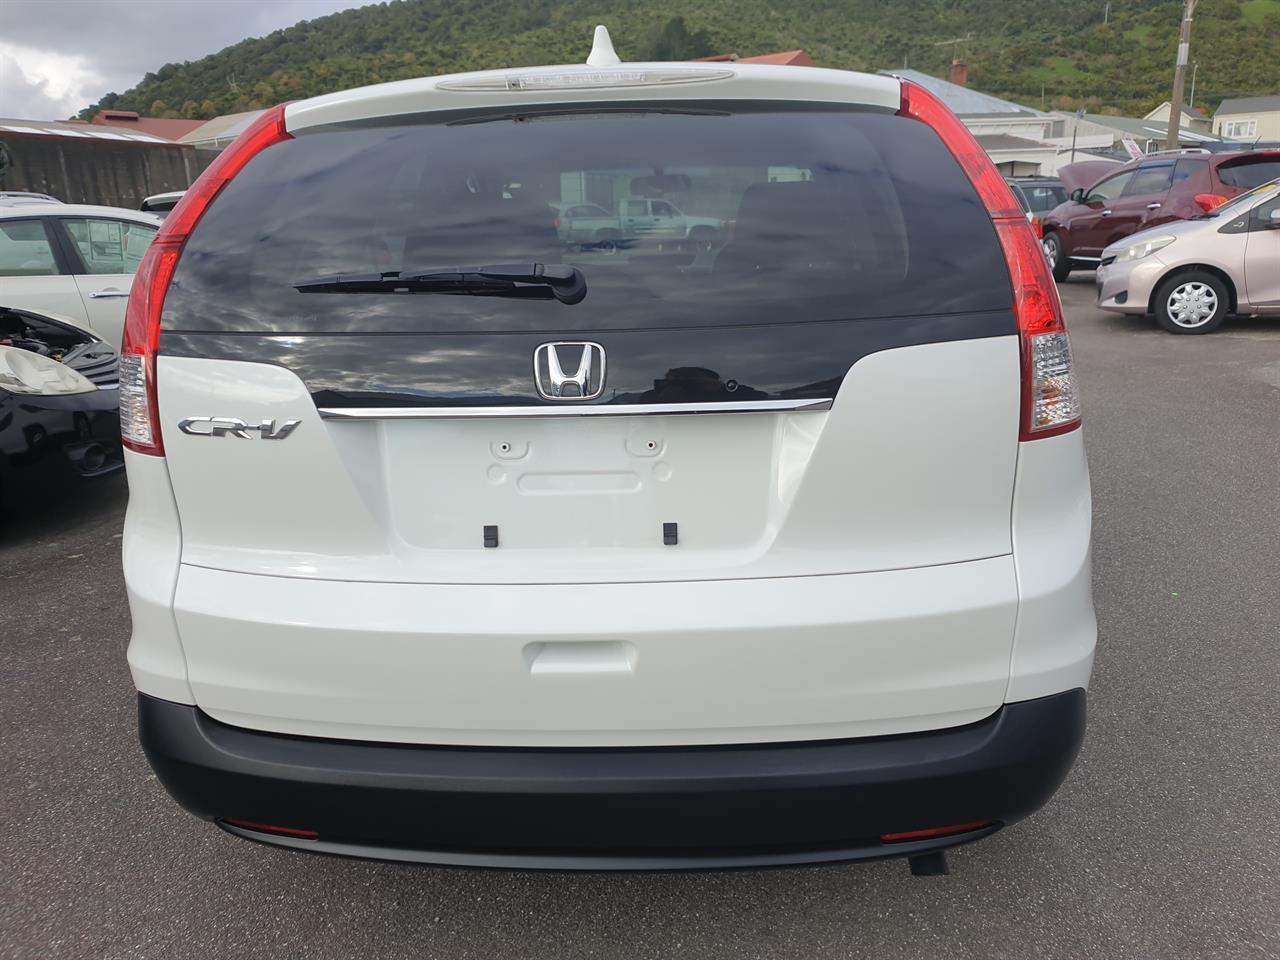 image-8, 2013 Honda CR-V 20G at Greymouth